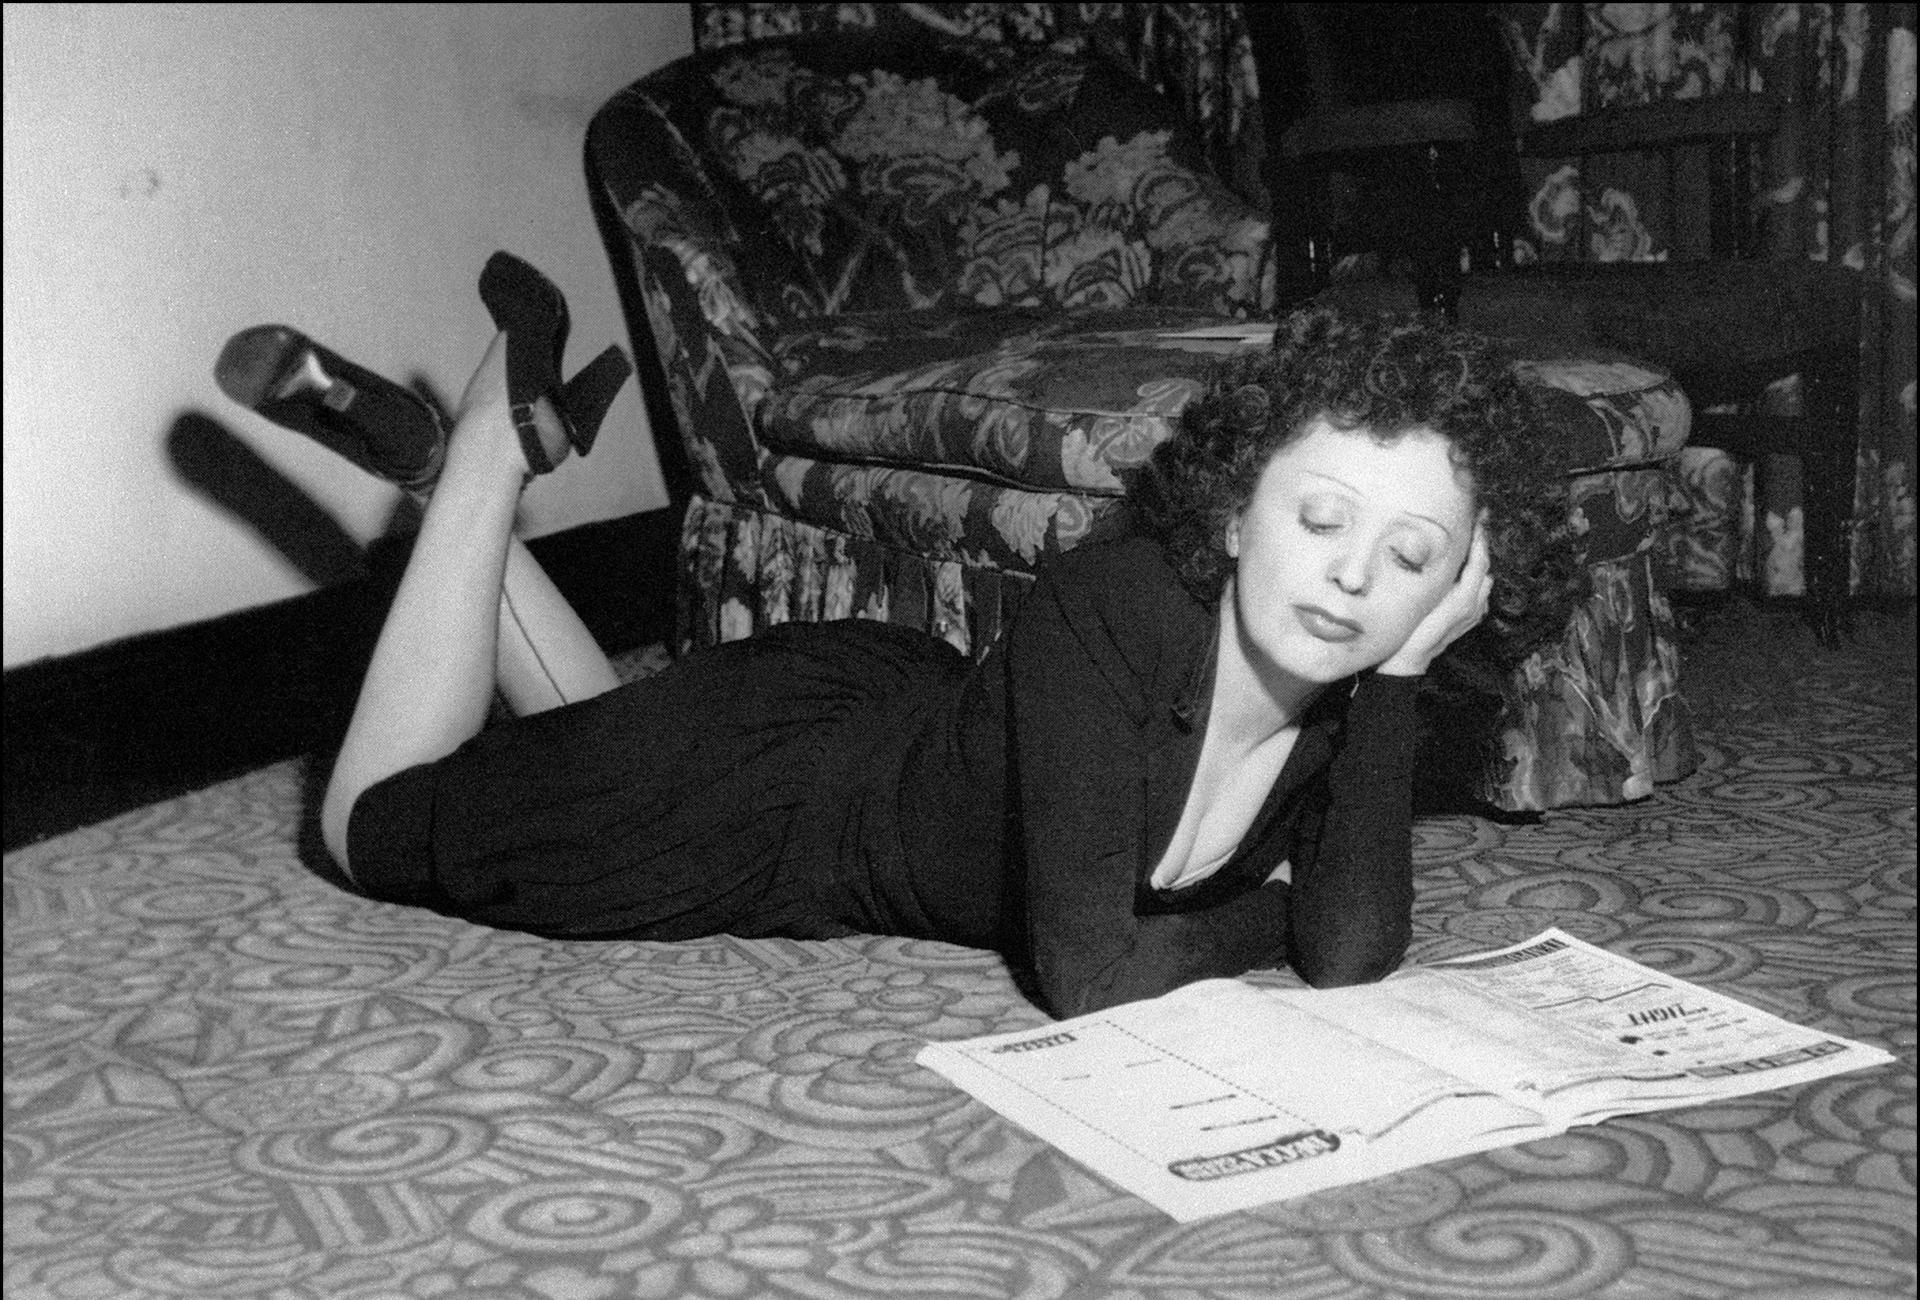 d75796f57379 L image d Edith Piaf est associée à son indétrônable robe noire. Une fois  célèbre, elle fera faire ses robes par des grands couturiers mais leur  demandera ...